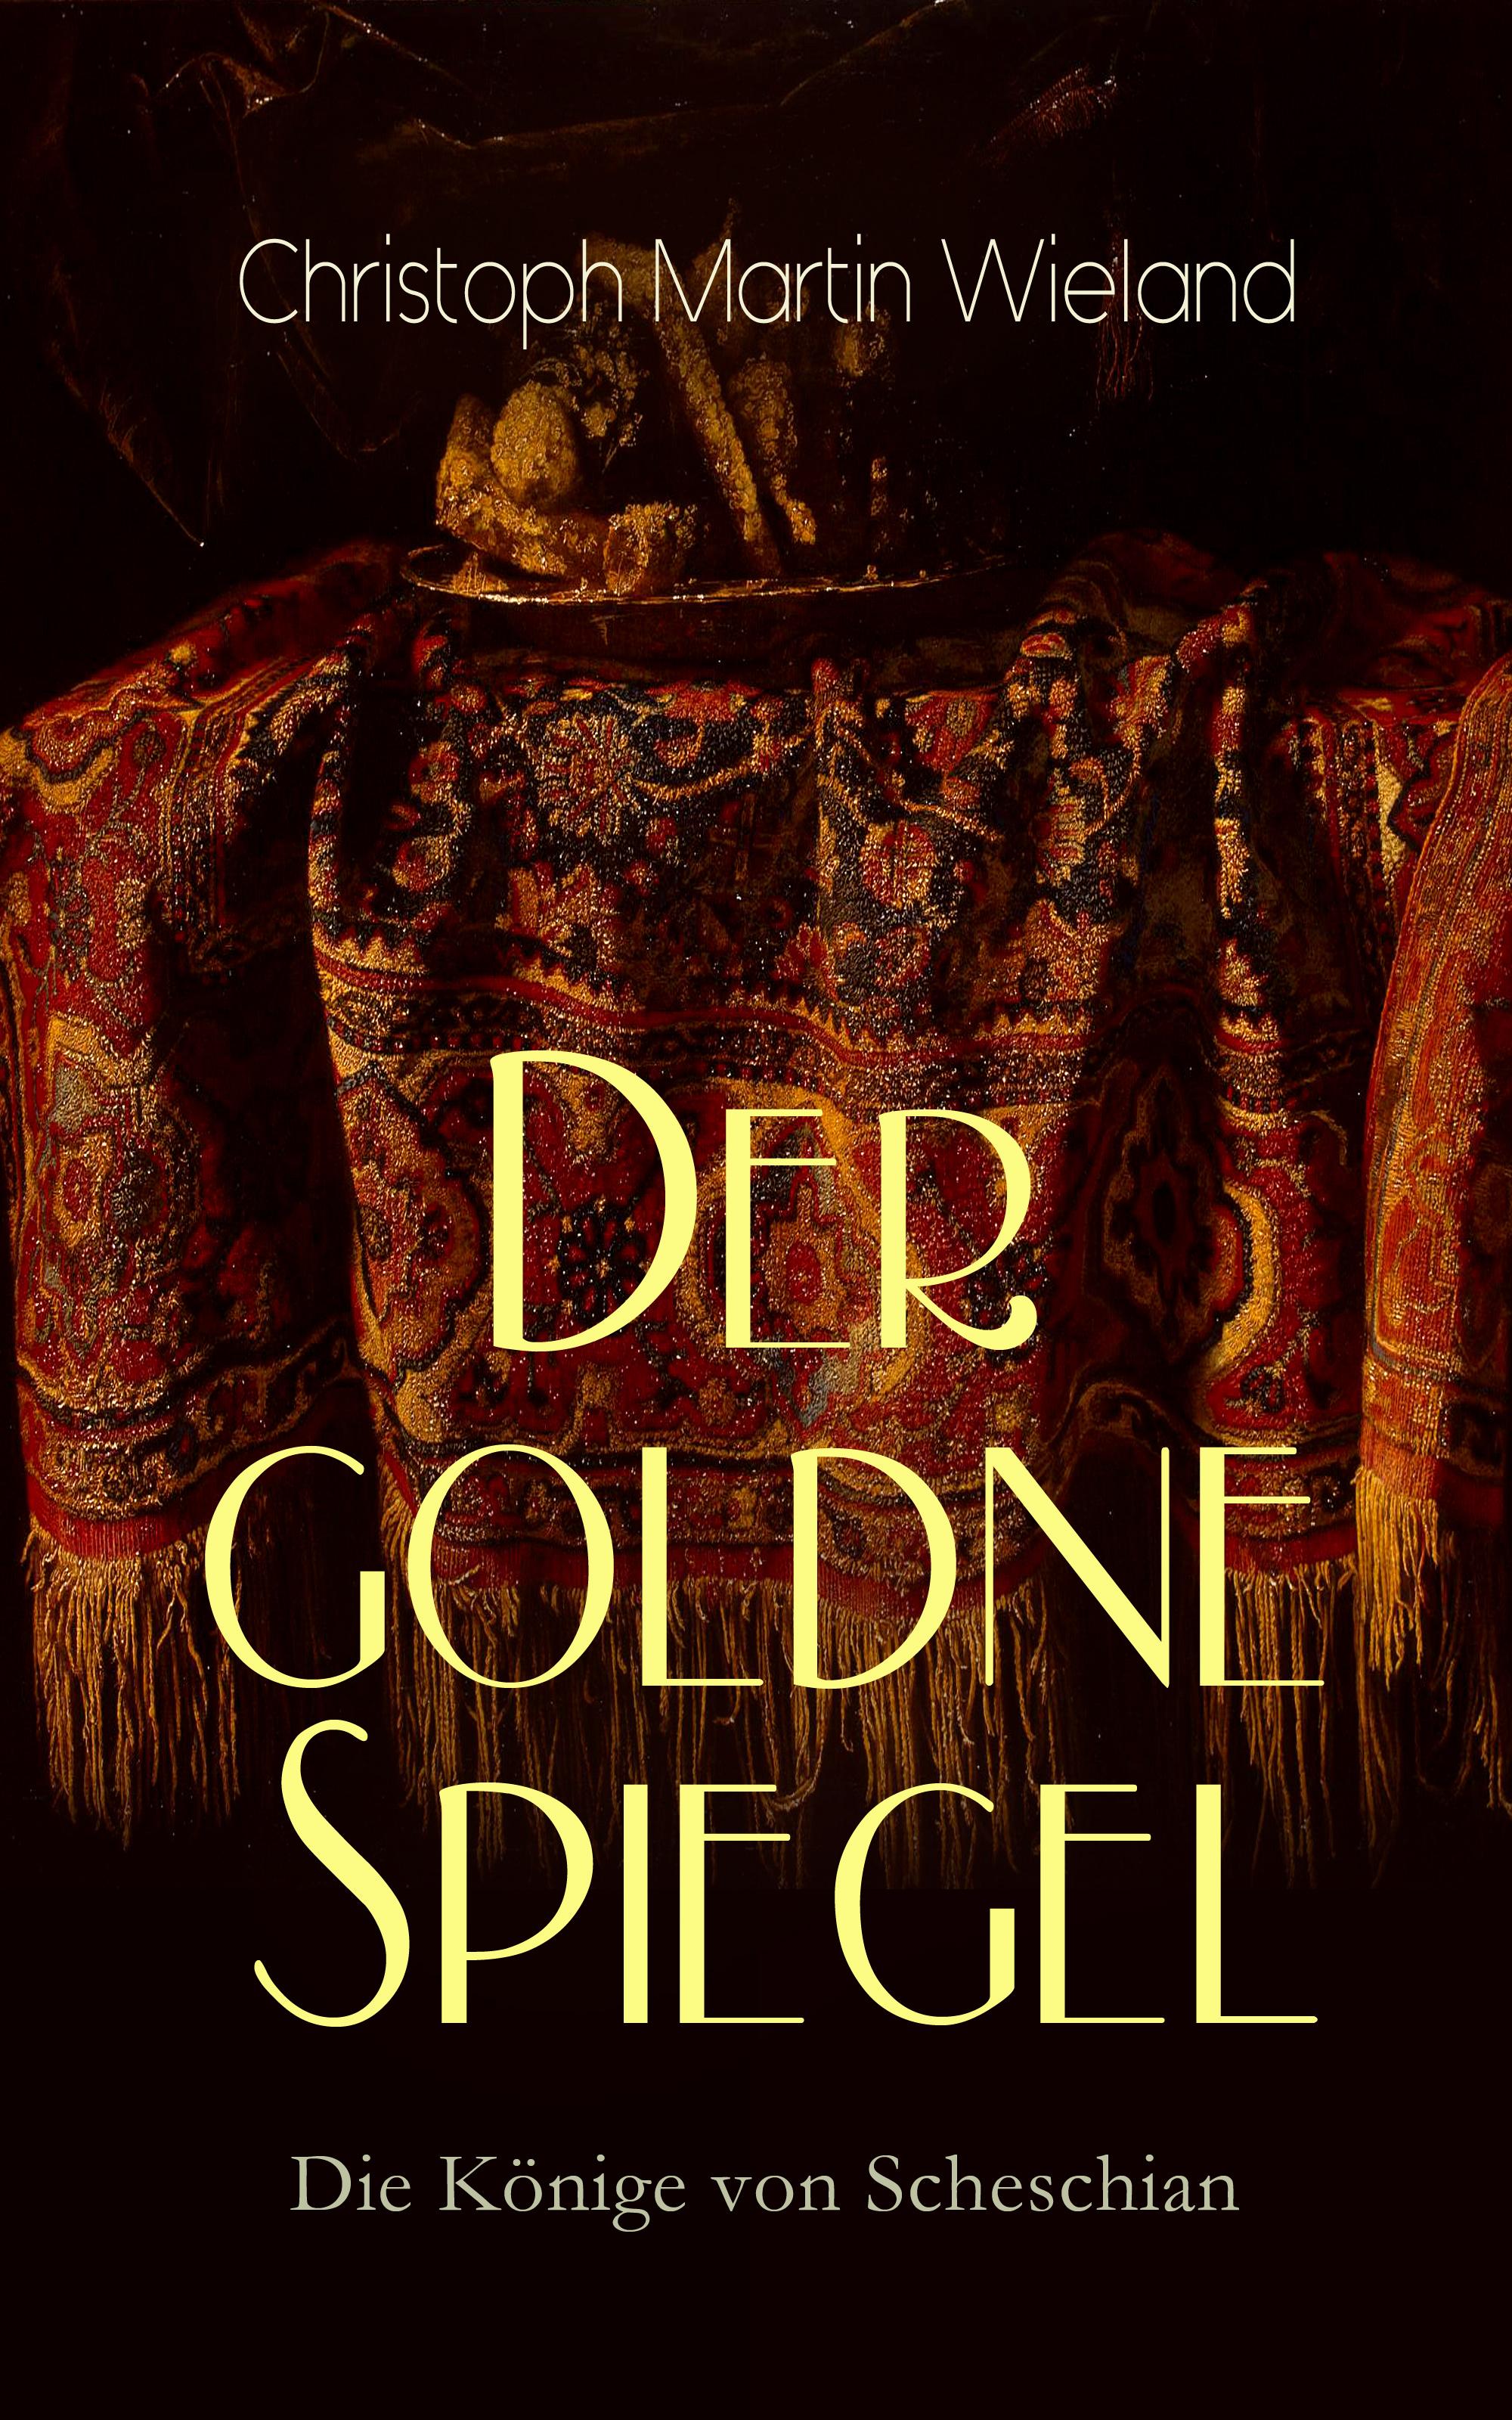 Christoph Martin Wieland Der goldne Spiegel – Die Könige von Scheschian морган райс marsch der könige